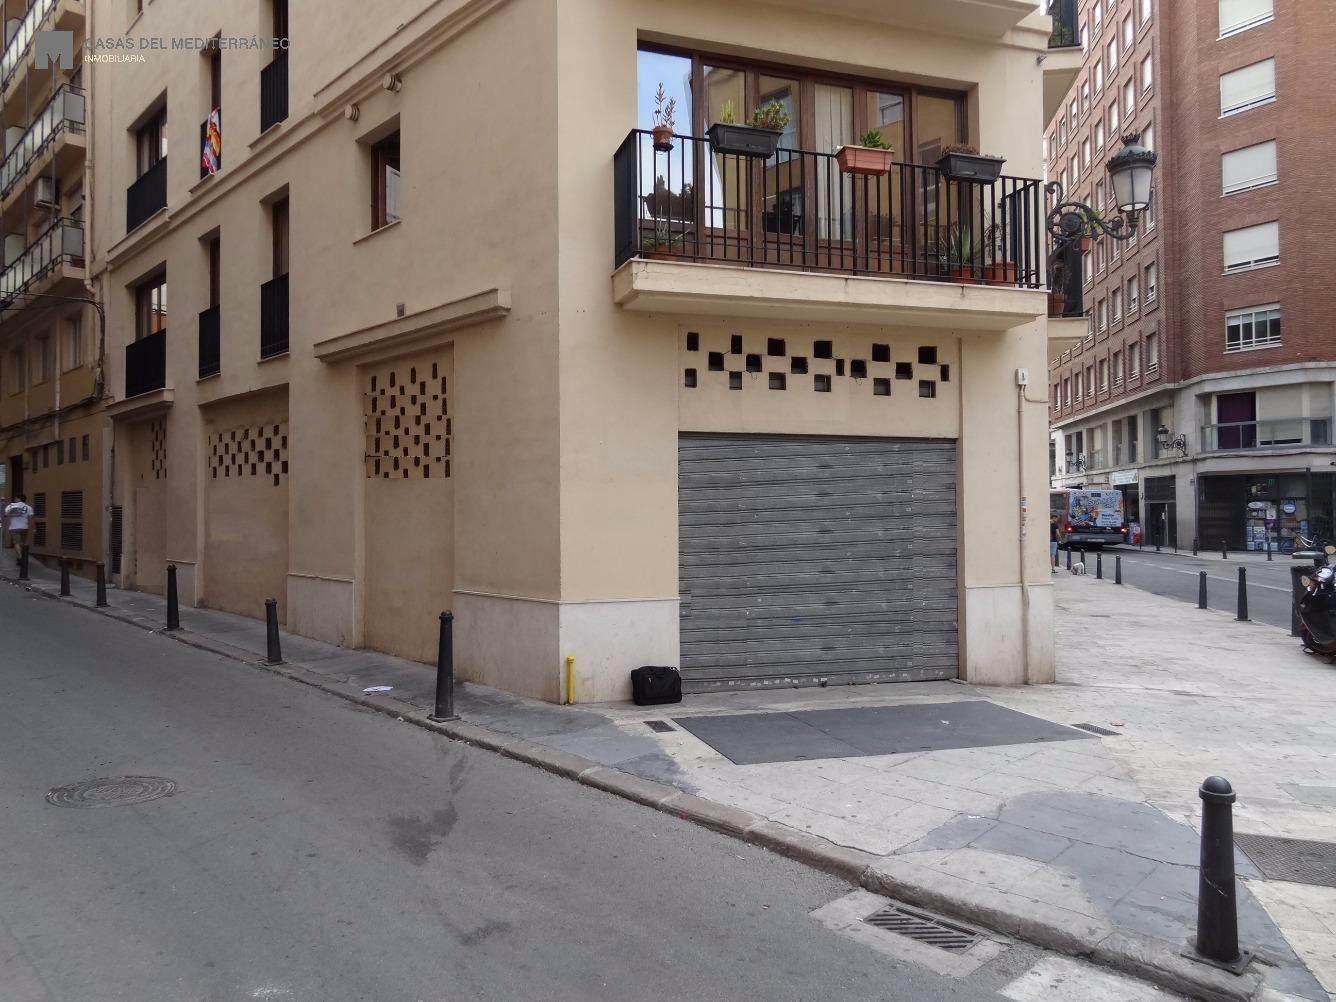 Local Comercial · Valencia · El Mercat 210.000€€